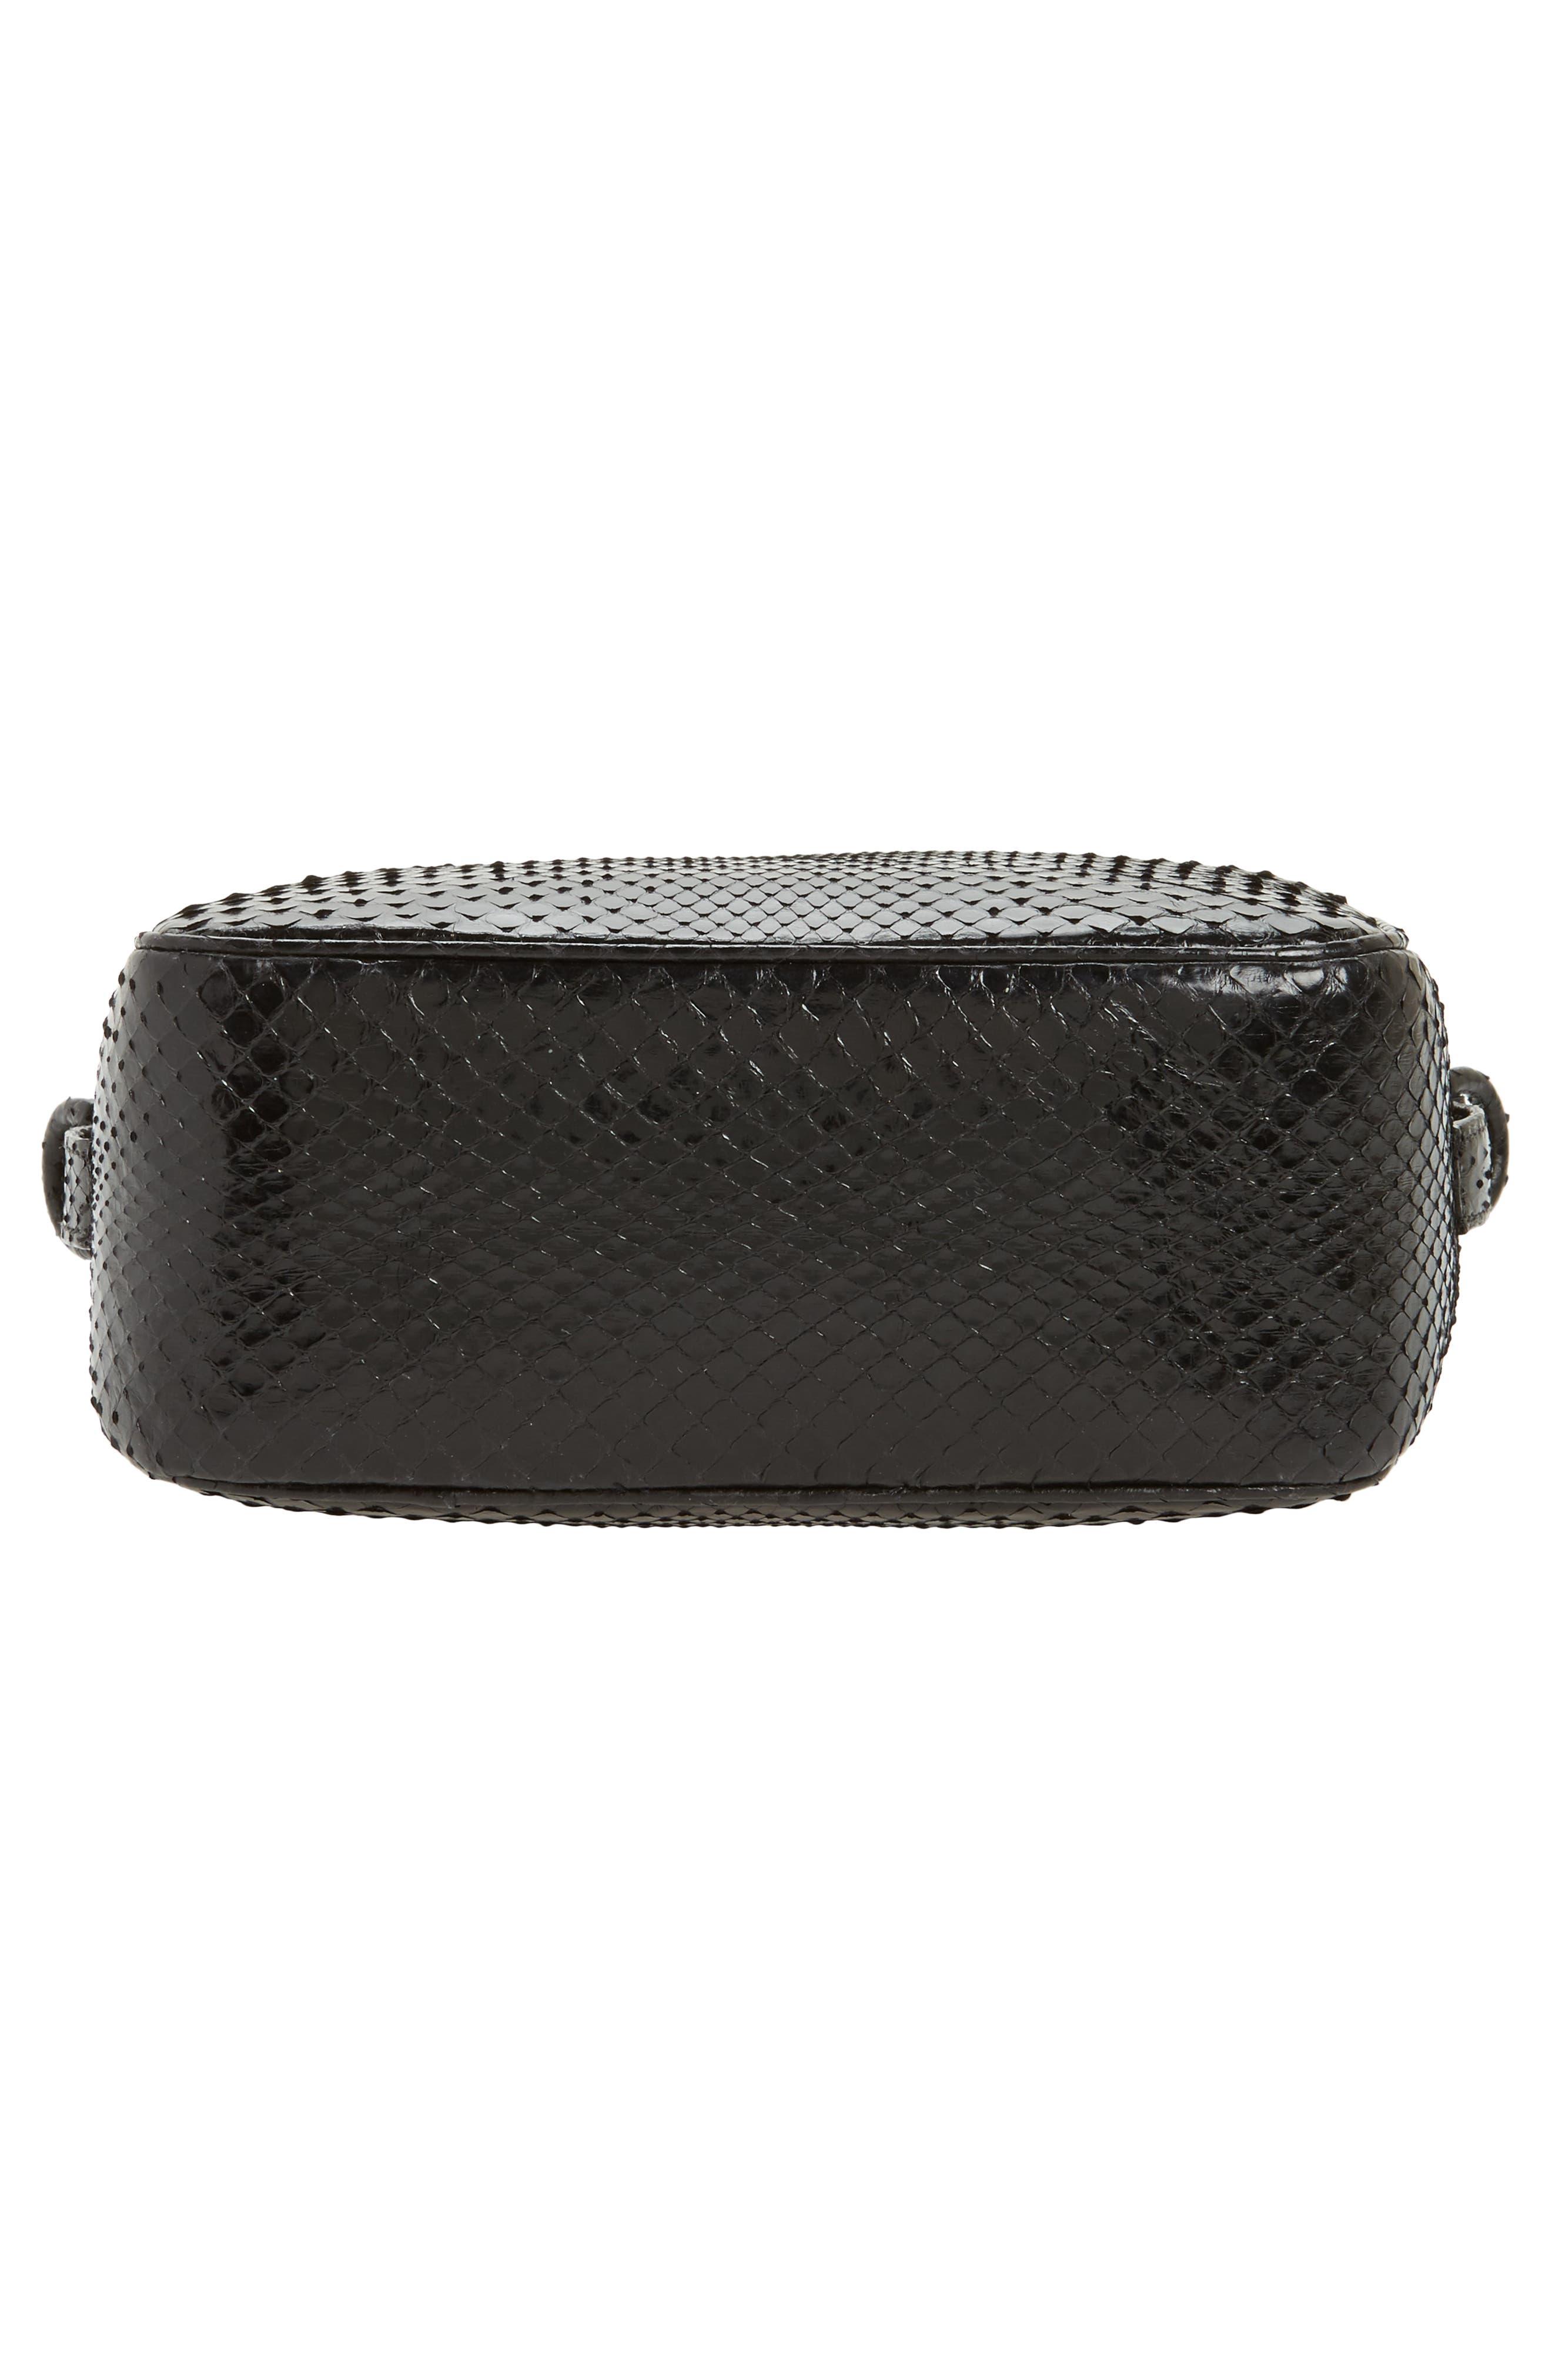 Genuine Python Shoulder Bag,                             Alternate thumbnail 6, color,                             Black